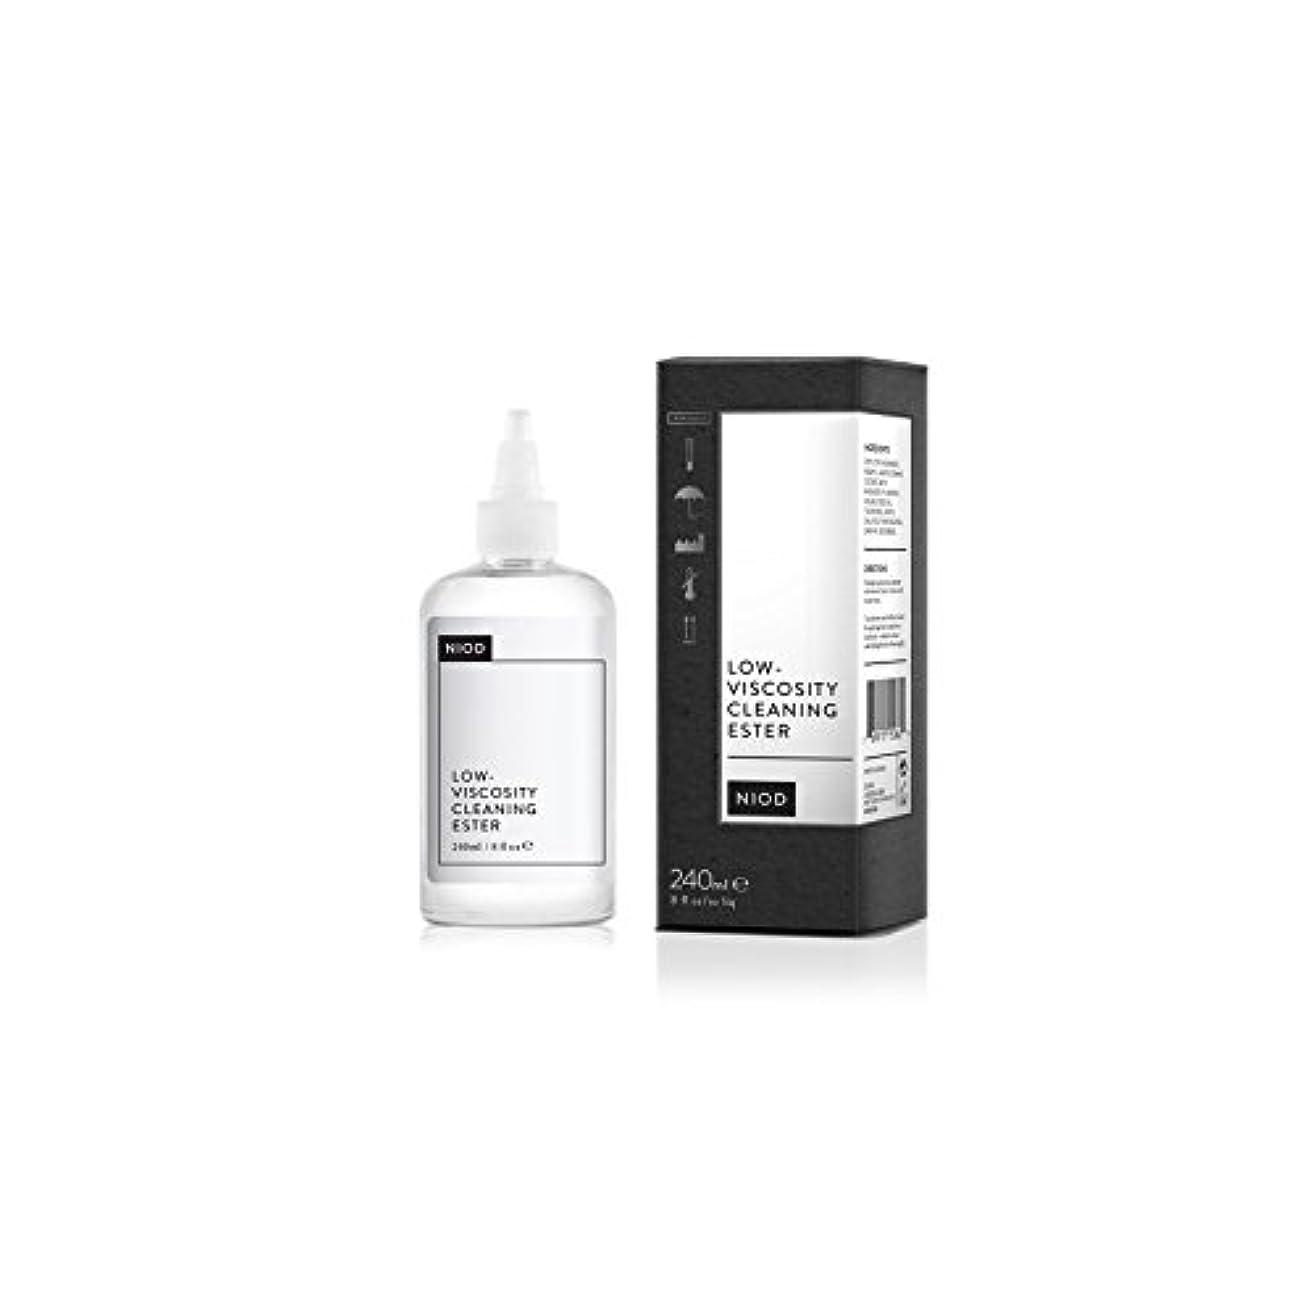 人気フォーク生産的低粘度のクリーニングエステル(240ミリリットル) x2 - Niod Low-Viscosity Cleaning Ester (240ml) (Pack of 2) [並行輸入品]